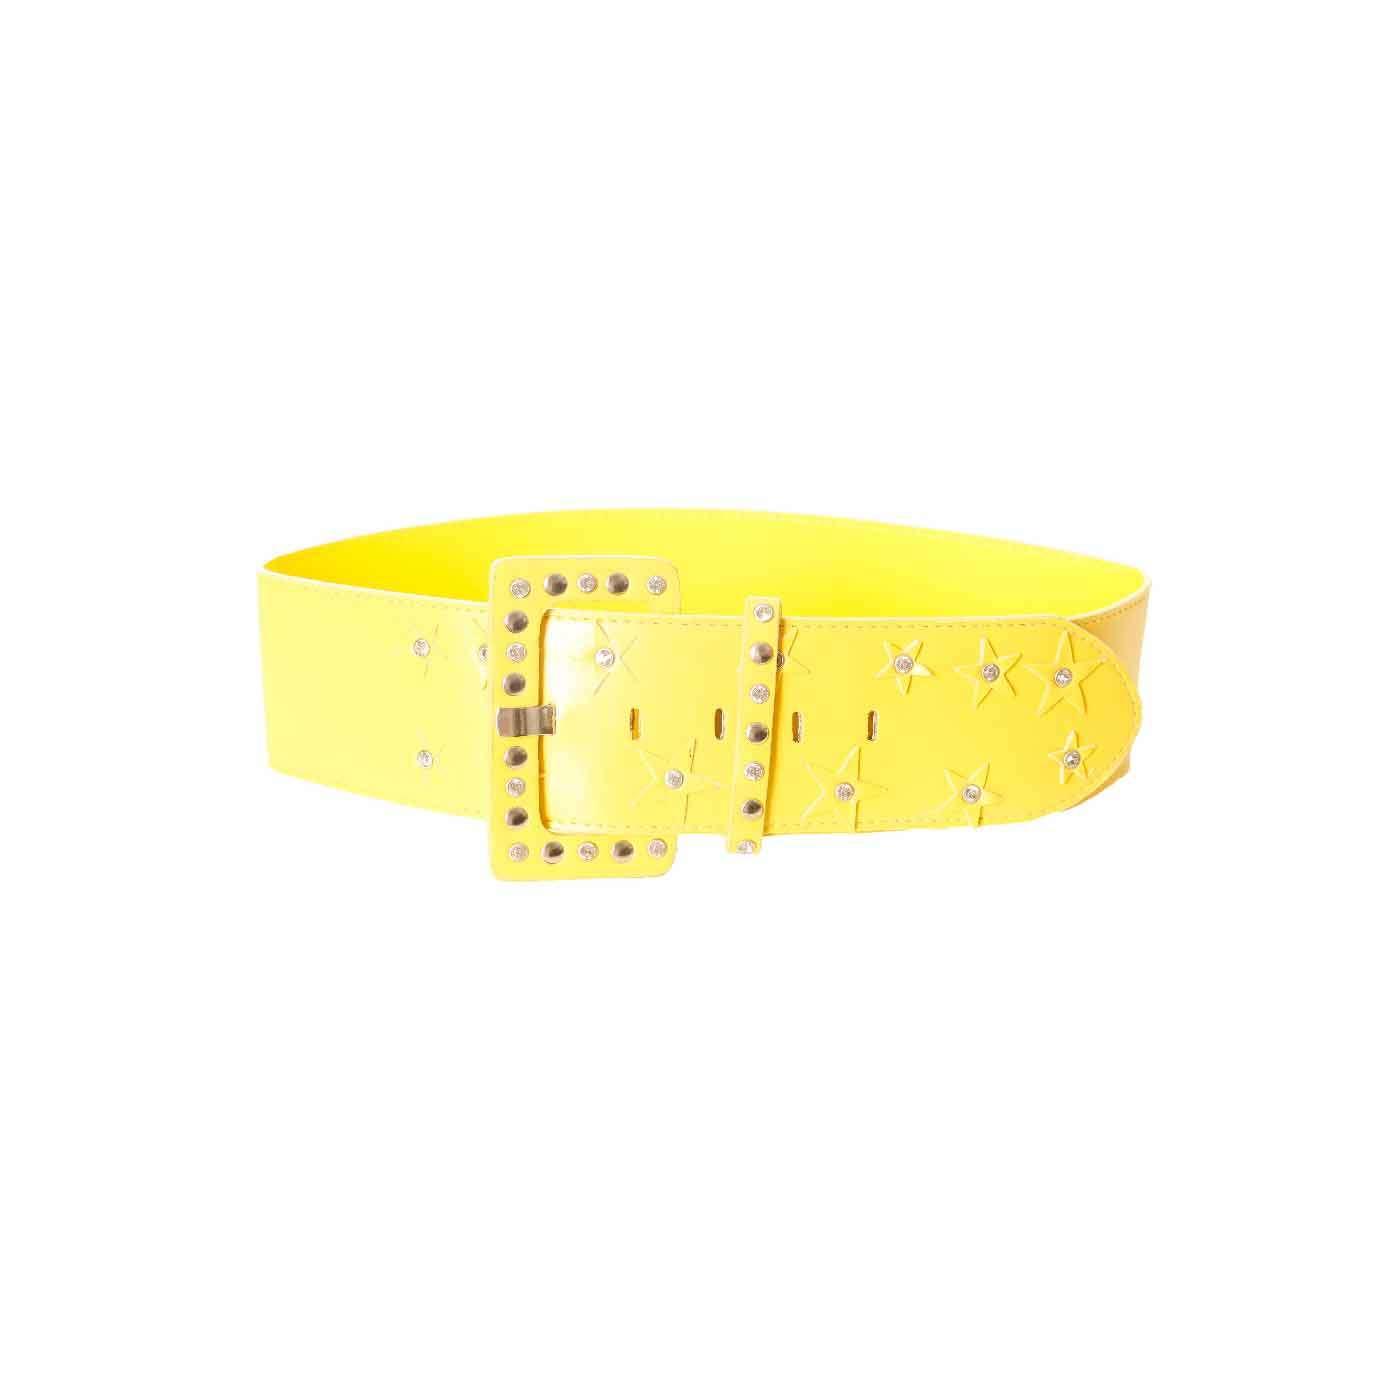 279b1775587 Produit Neuf - Miss Wear Line - Ceinture jaune avec grosse boucle à clou